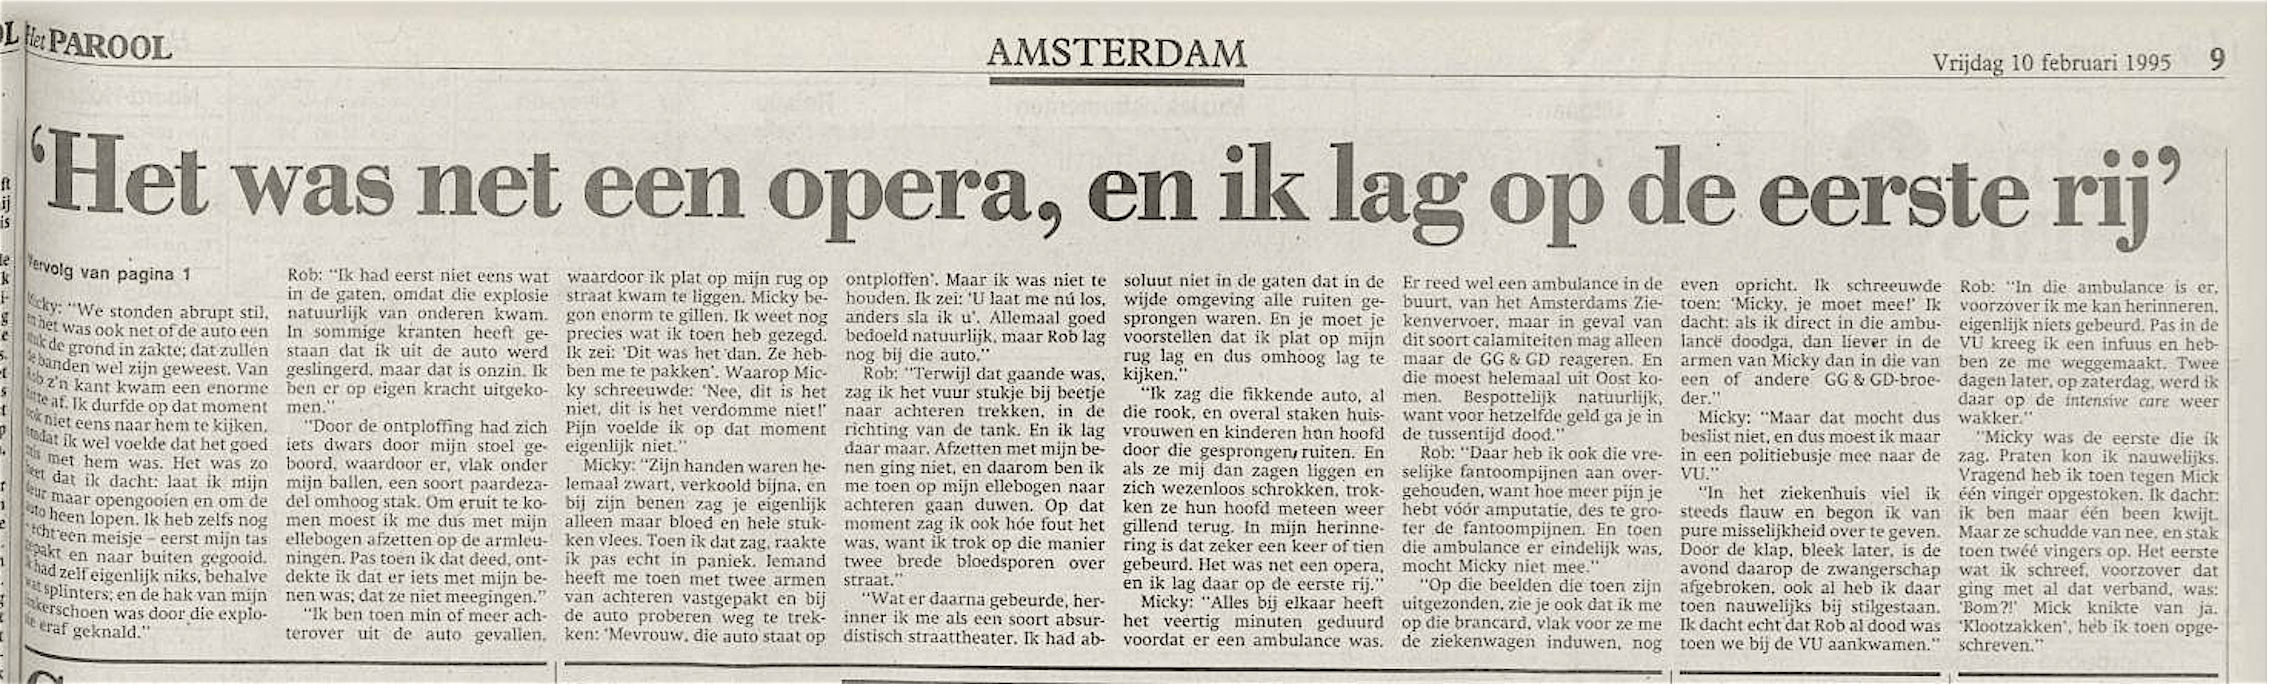 Het Parool, 10 februari 1995